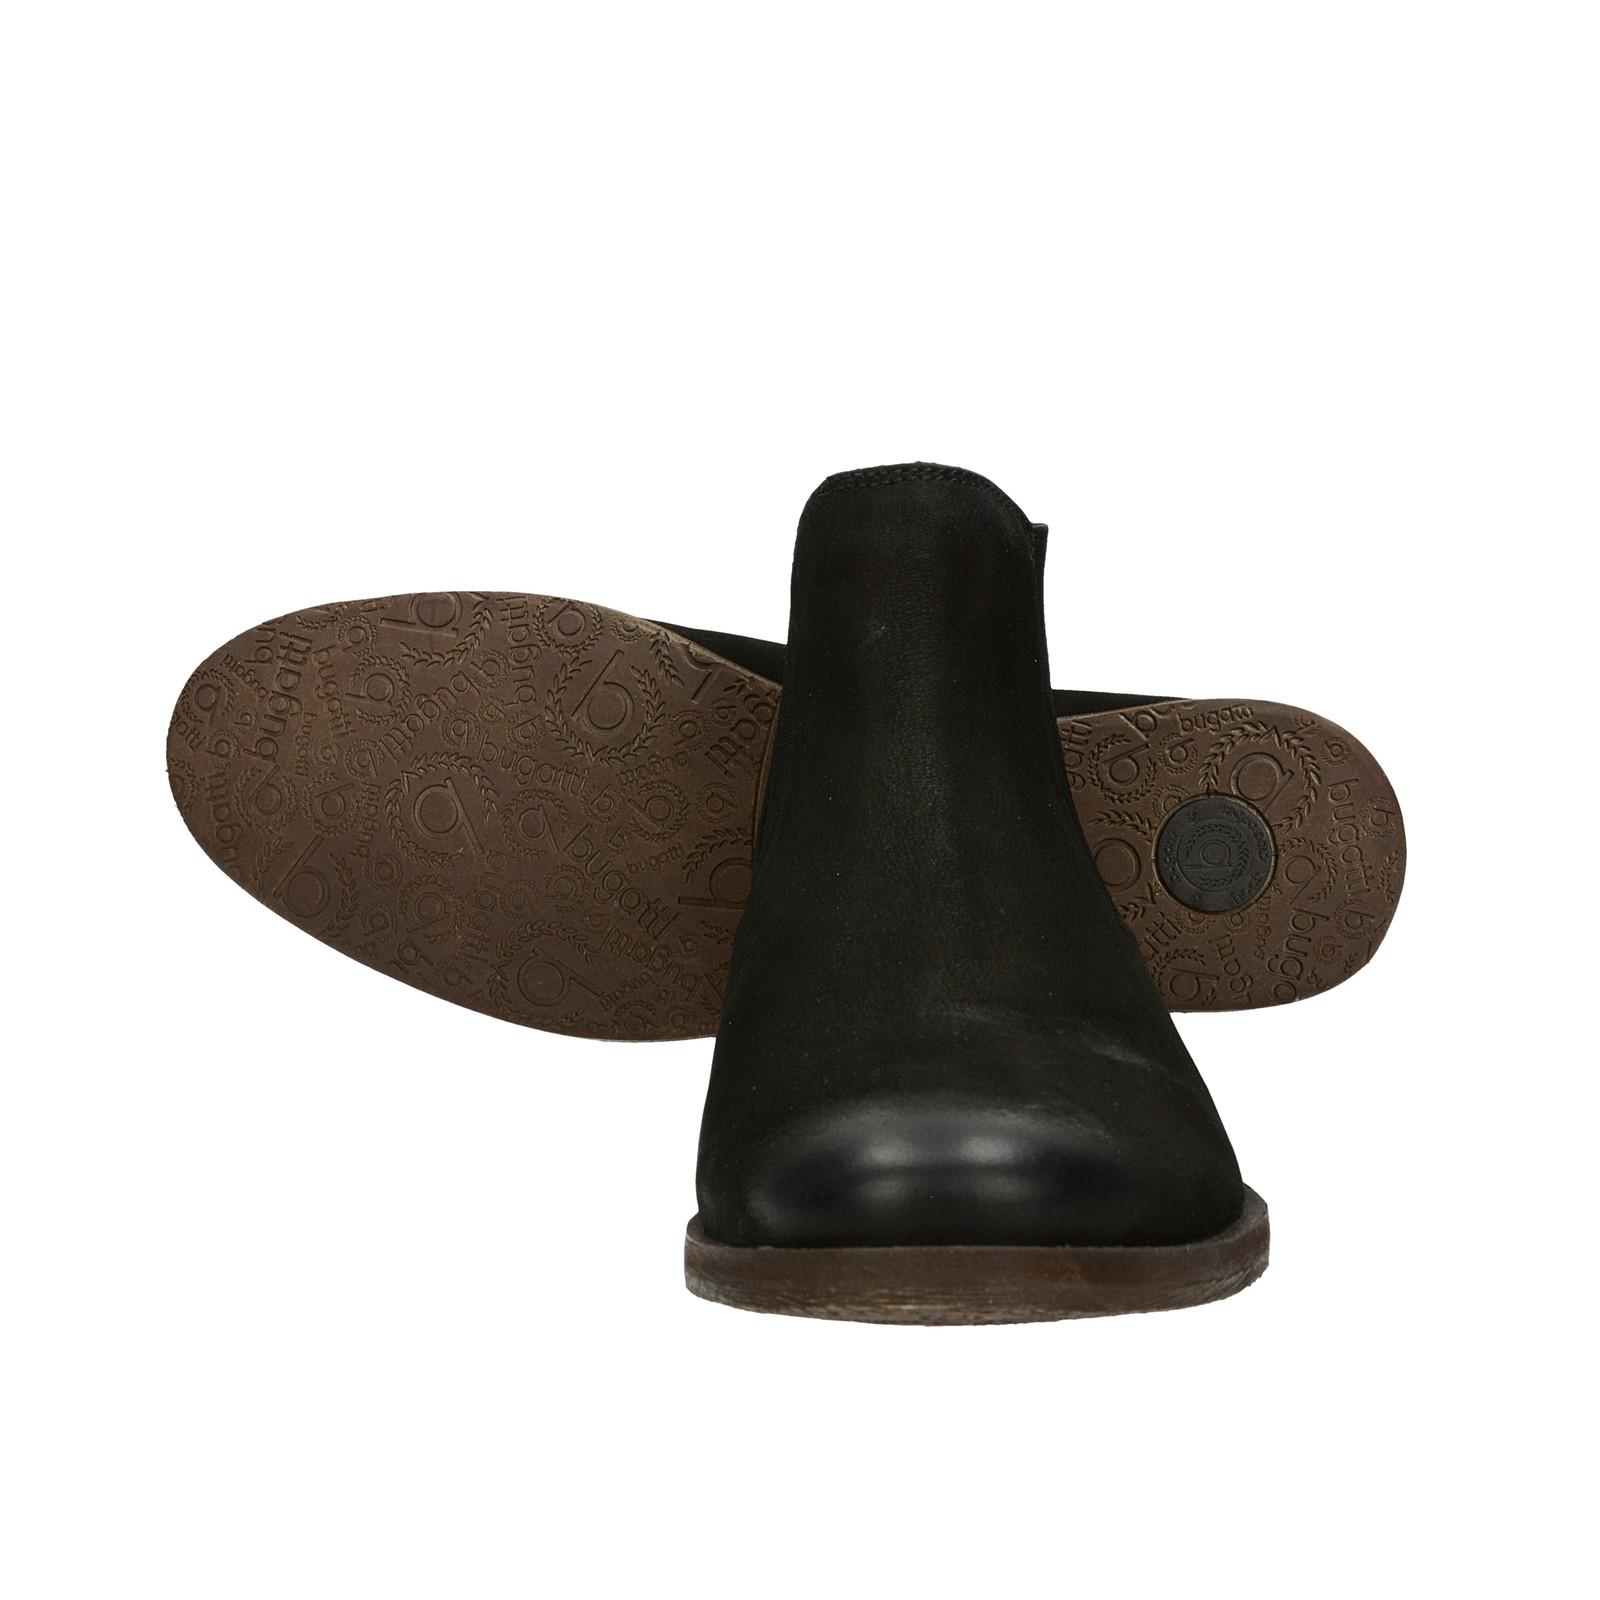 44c9c8710f1 ... Bugatti pánska štýlová členková obuv - čierna ...